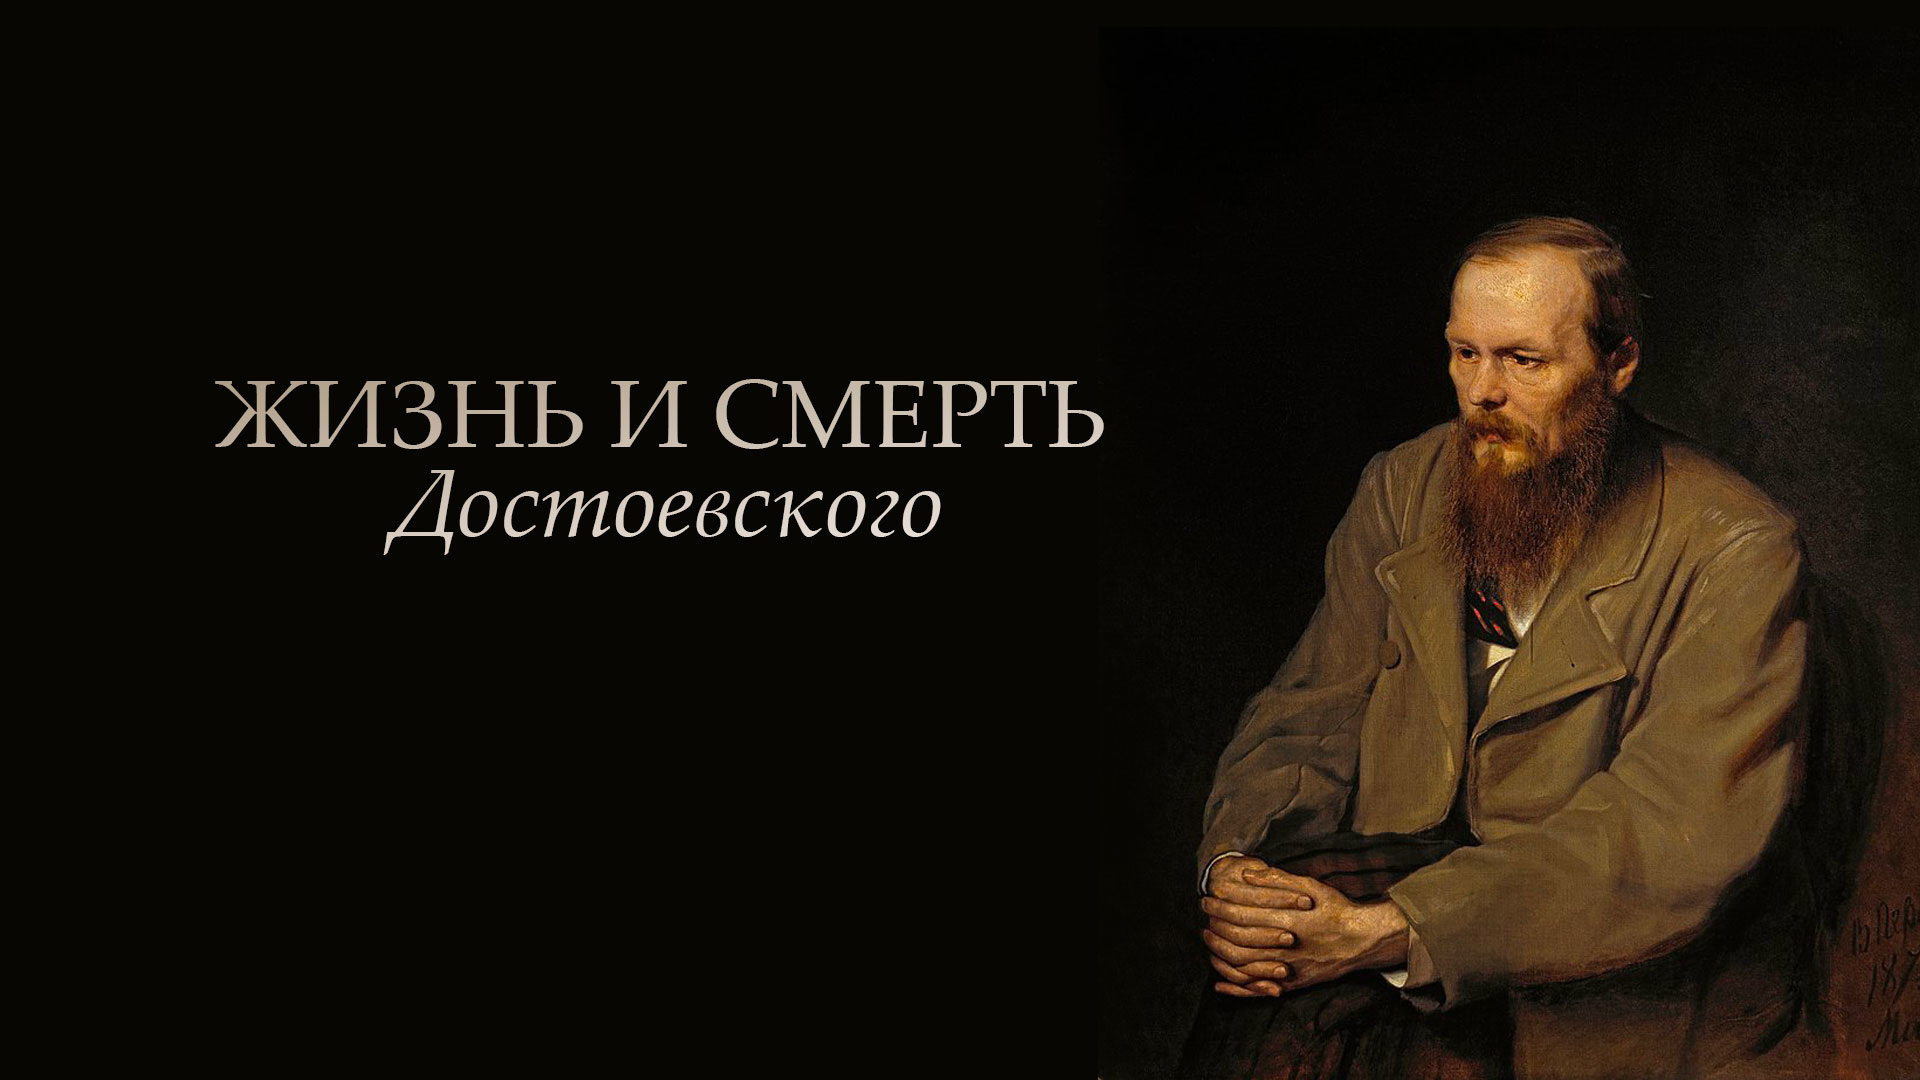 Жизнь и смерть Достоевского